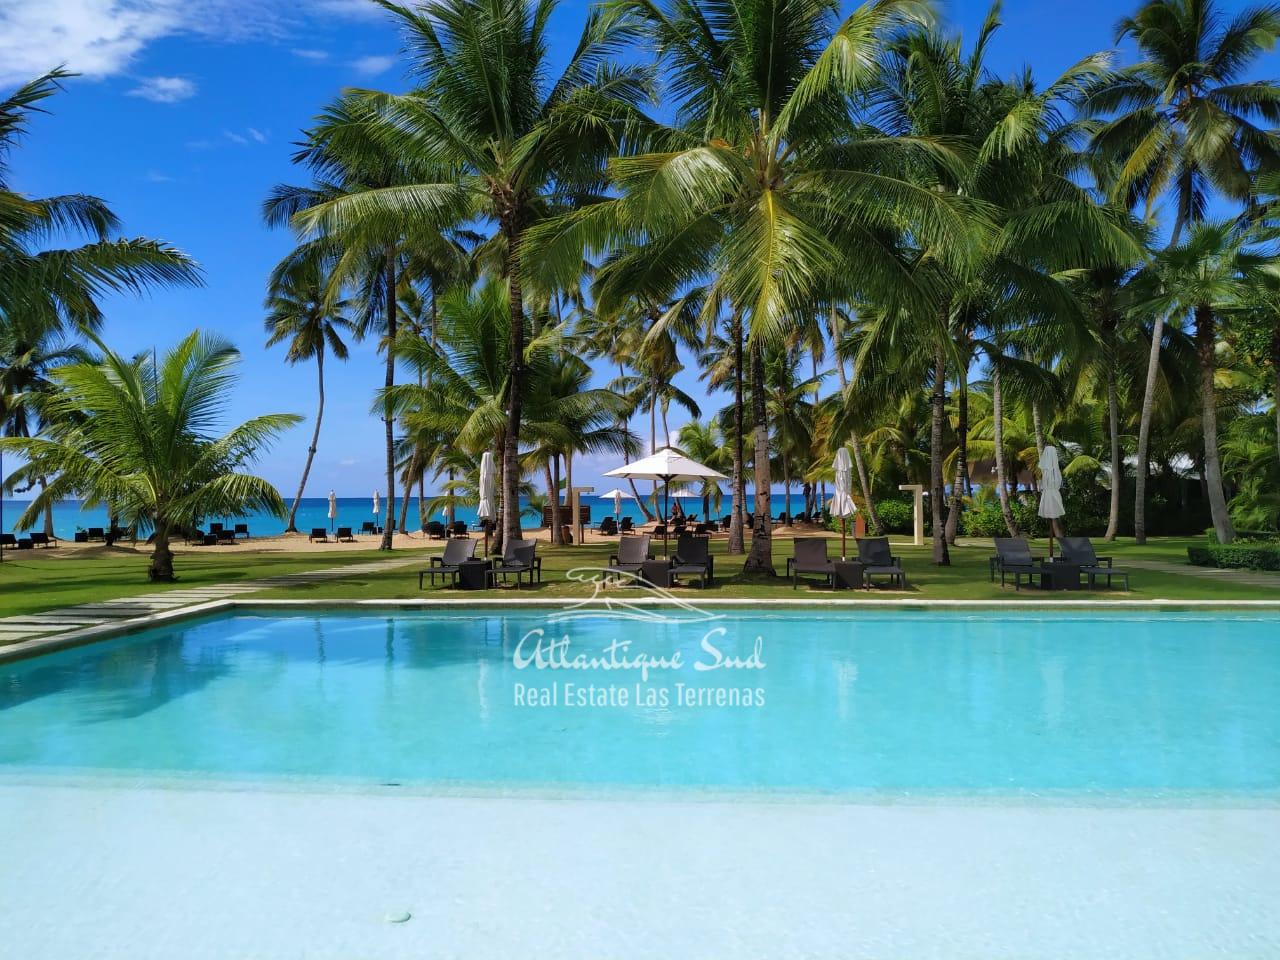 condo-in-all-inclusive-beachfront-hotel-lasterrenas13.jpeg